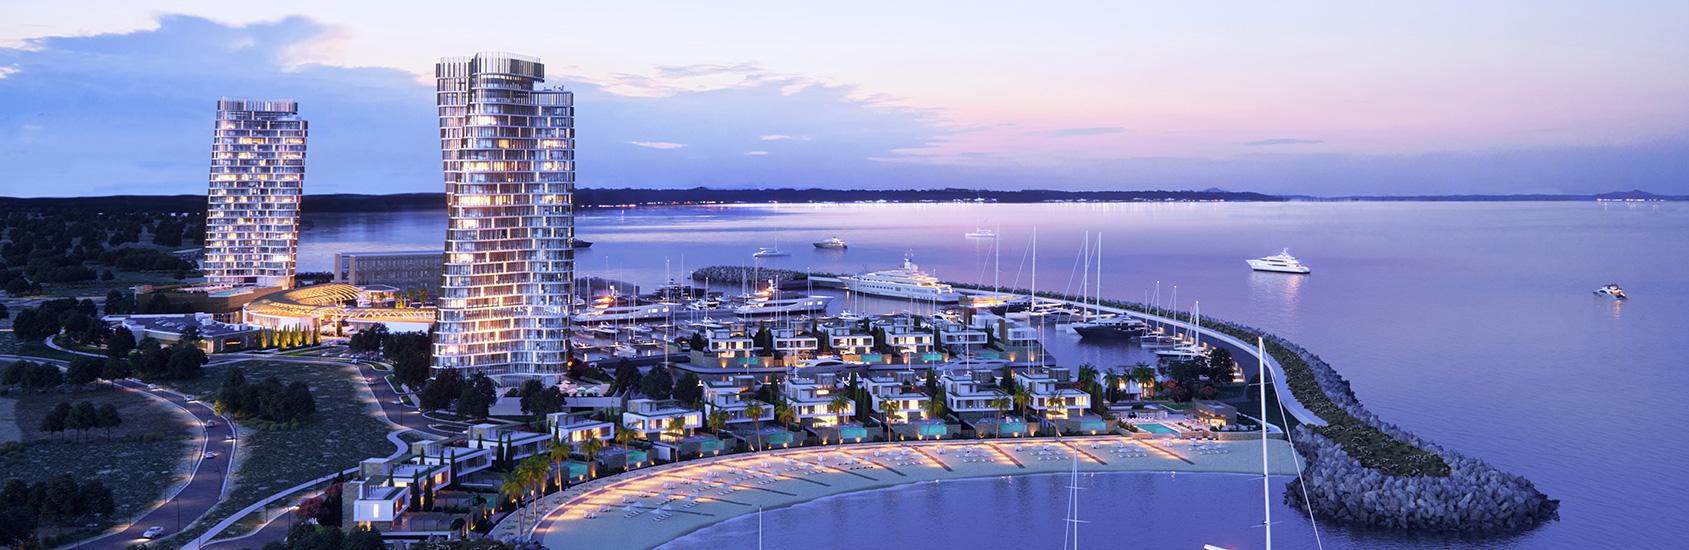 Объем частных инвестиций россиян в жилье на Кипре растет на 10-15% в год